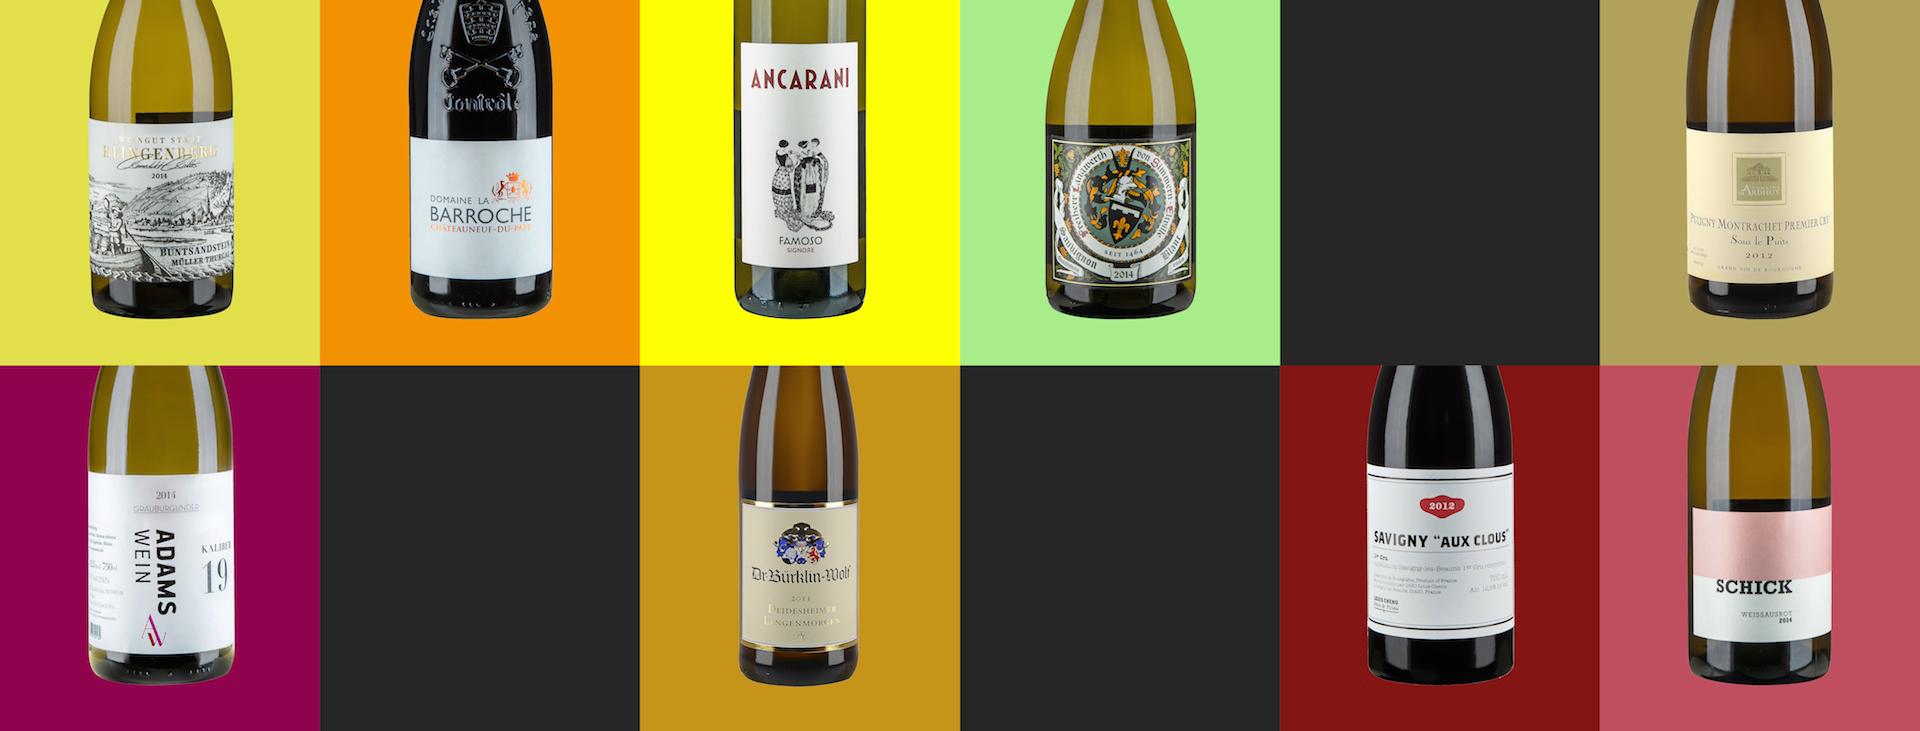 Hintergrund_Slider_Weinpakete